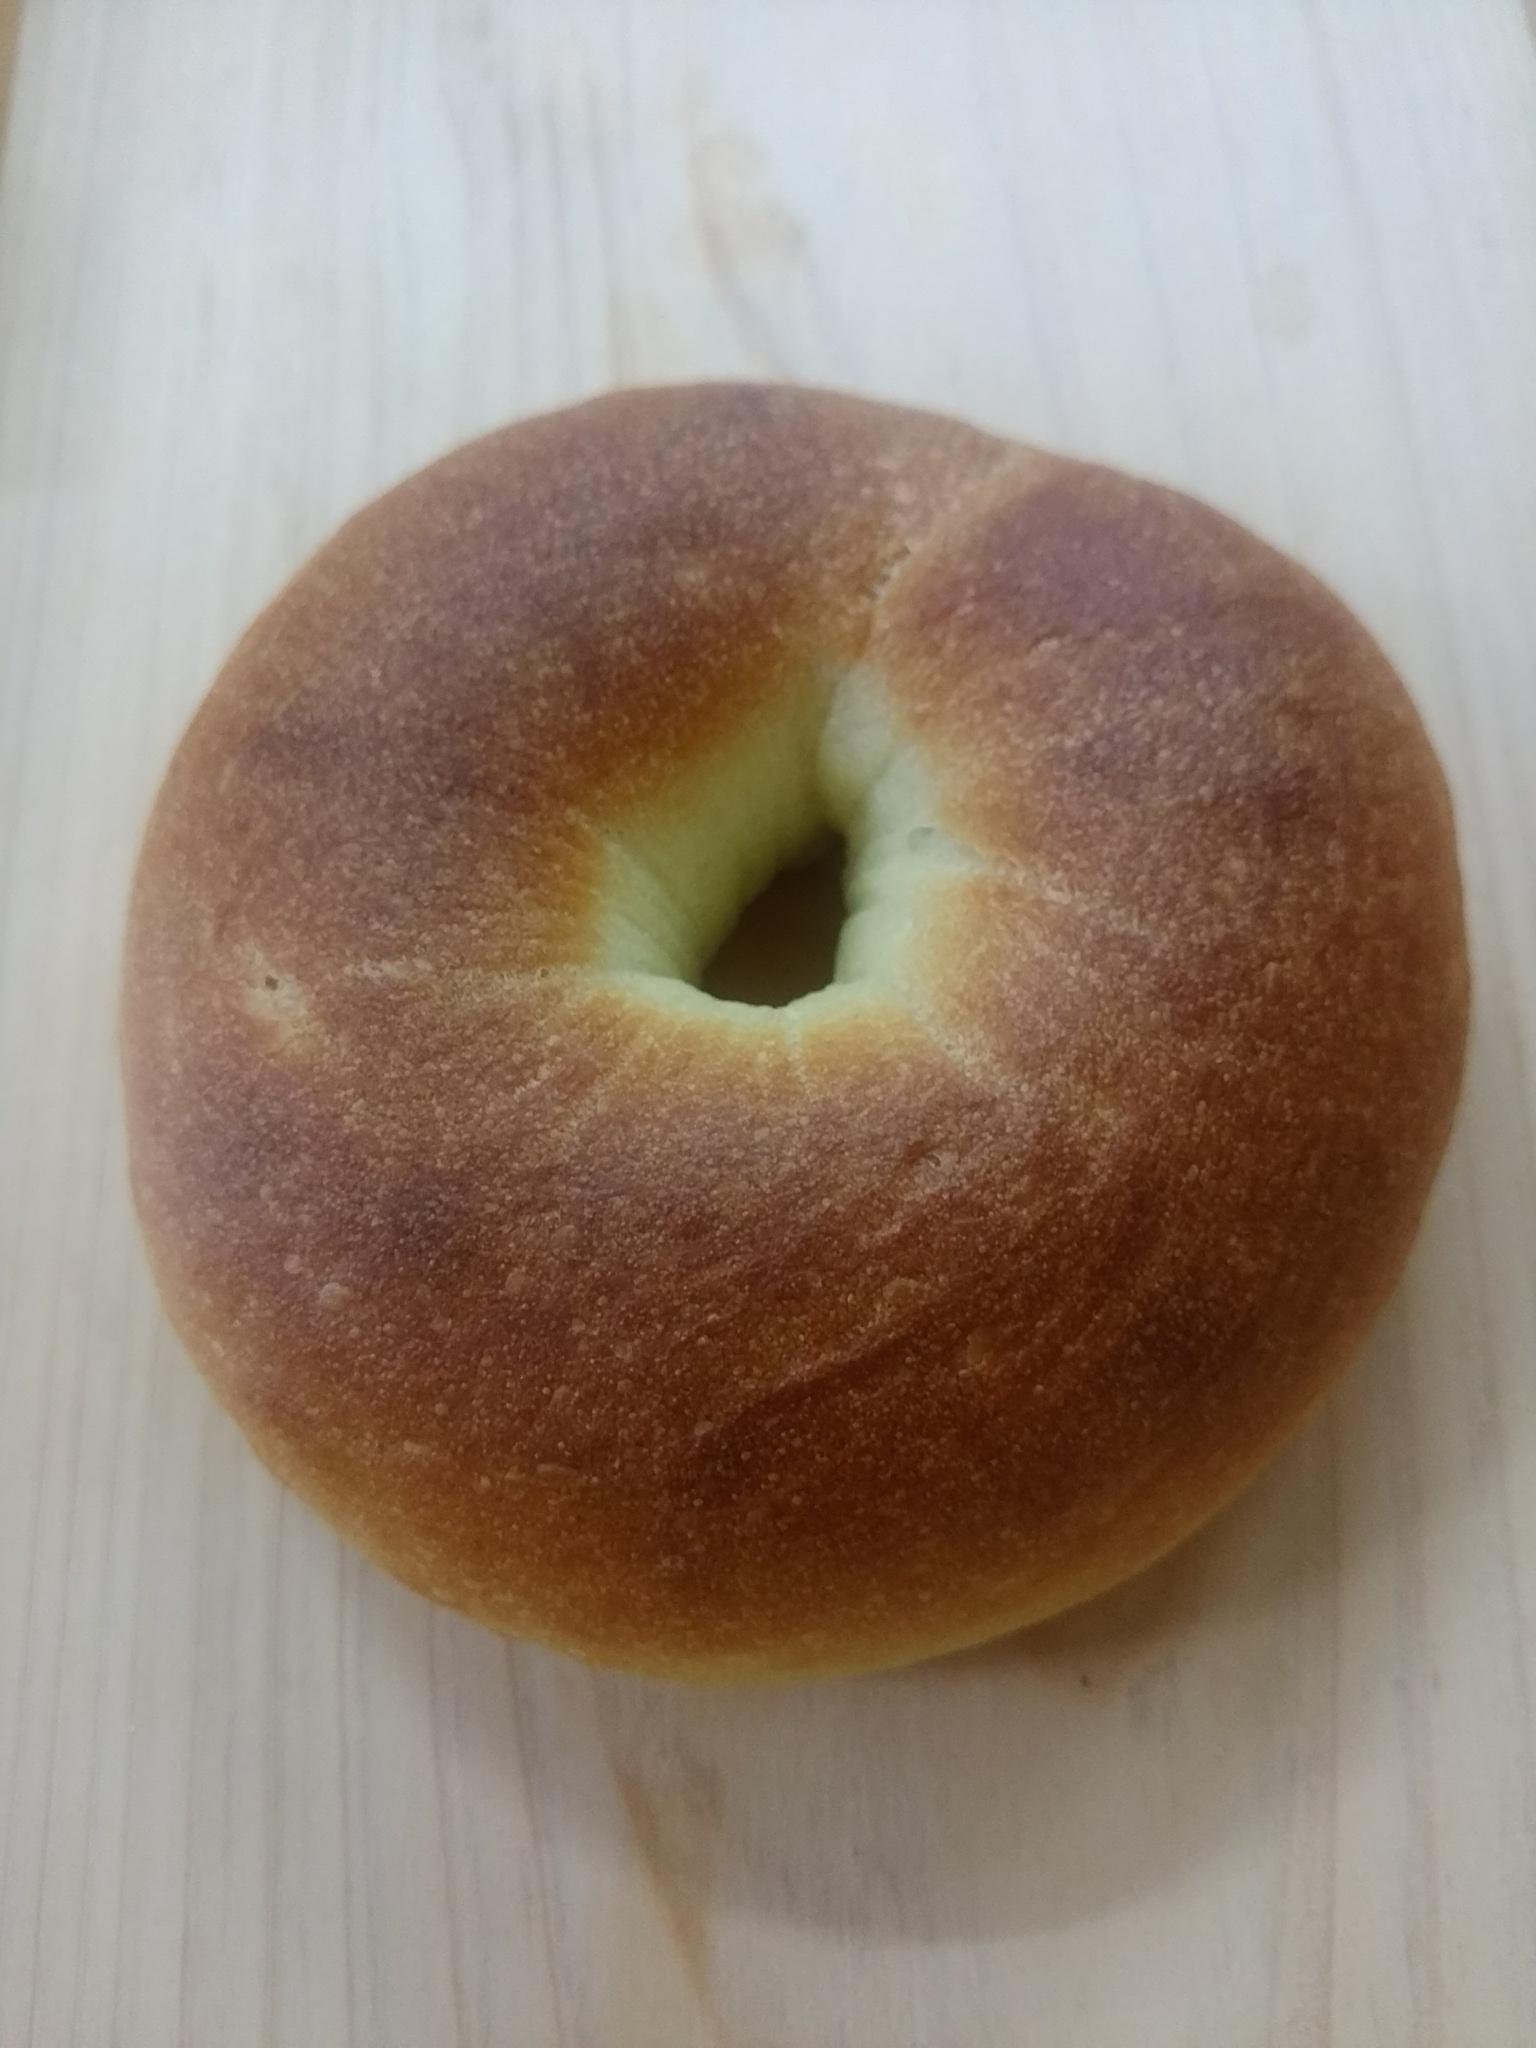 中津川 苗木 パン屋 パパン         プレーンベーグル 160円           米粉入り